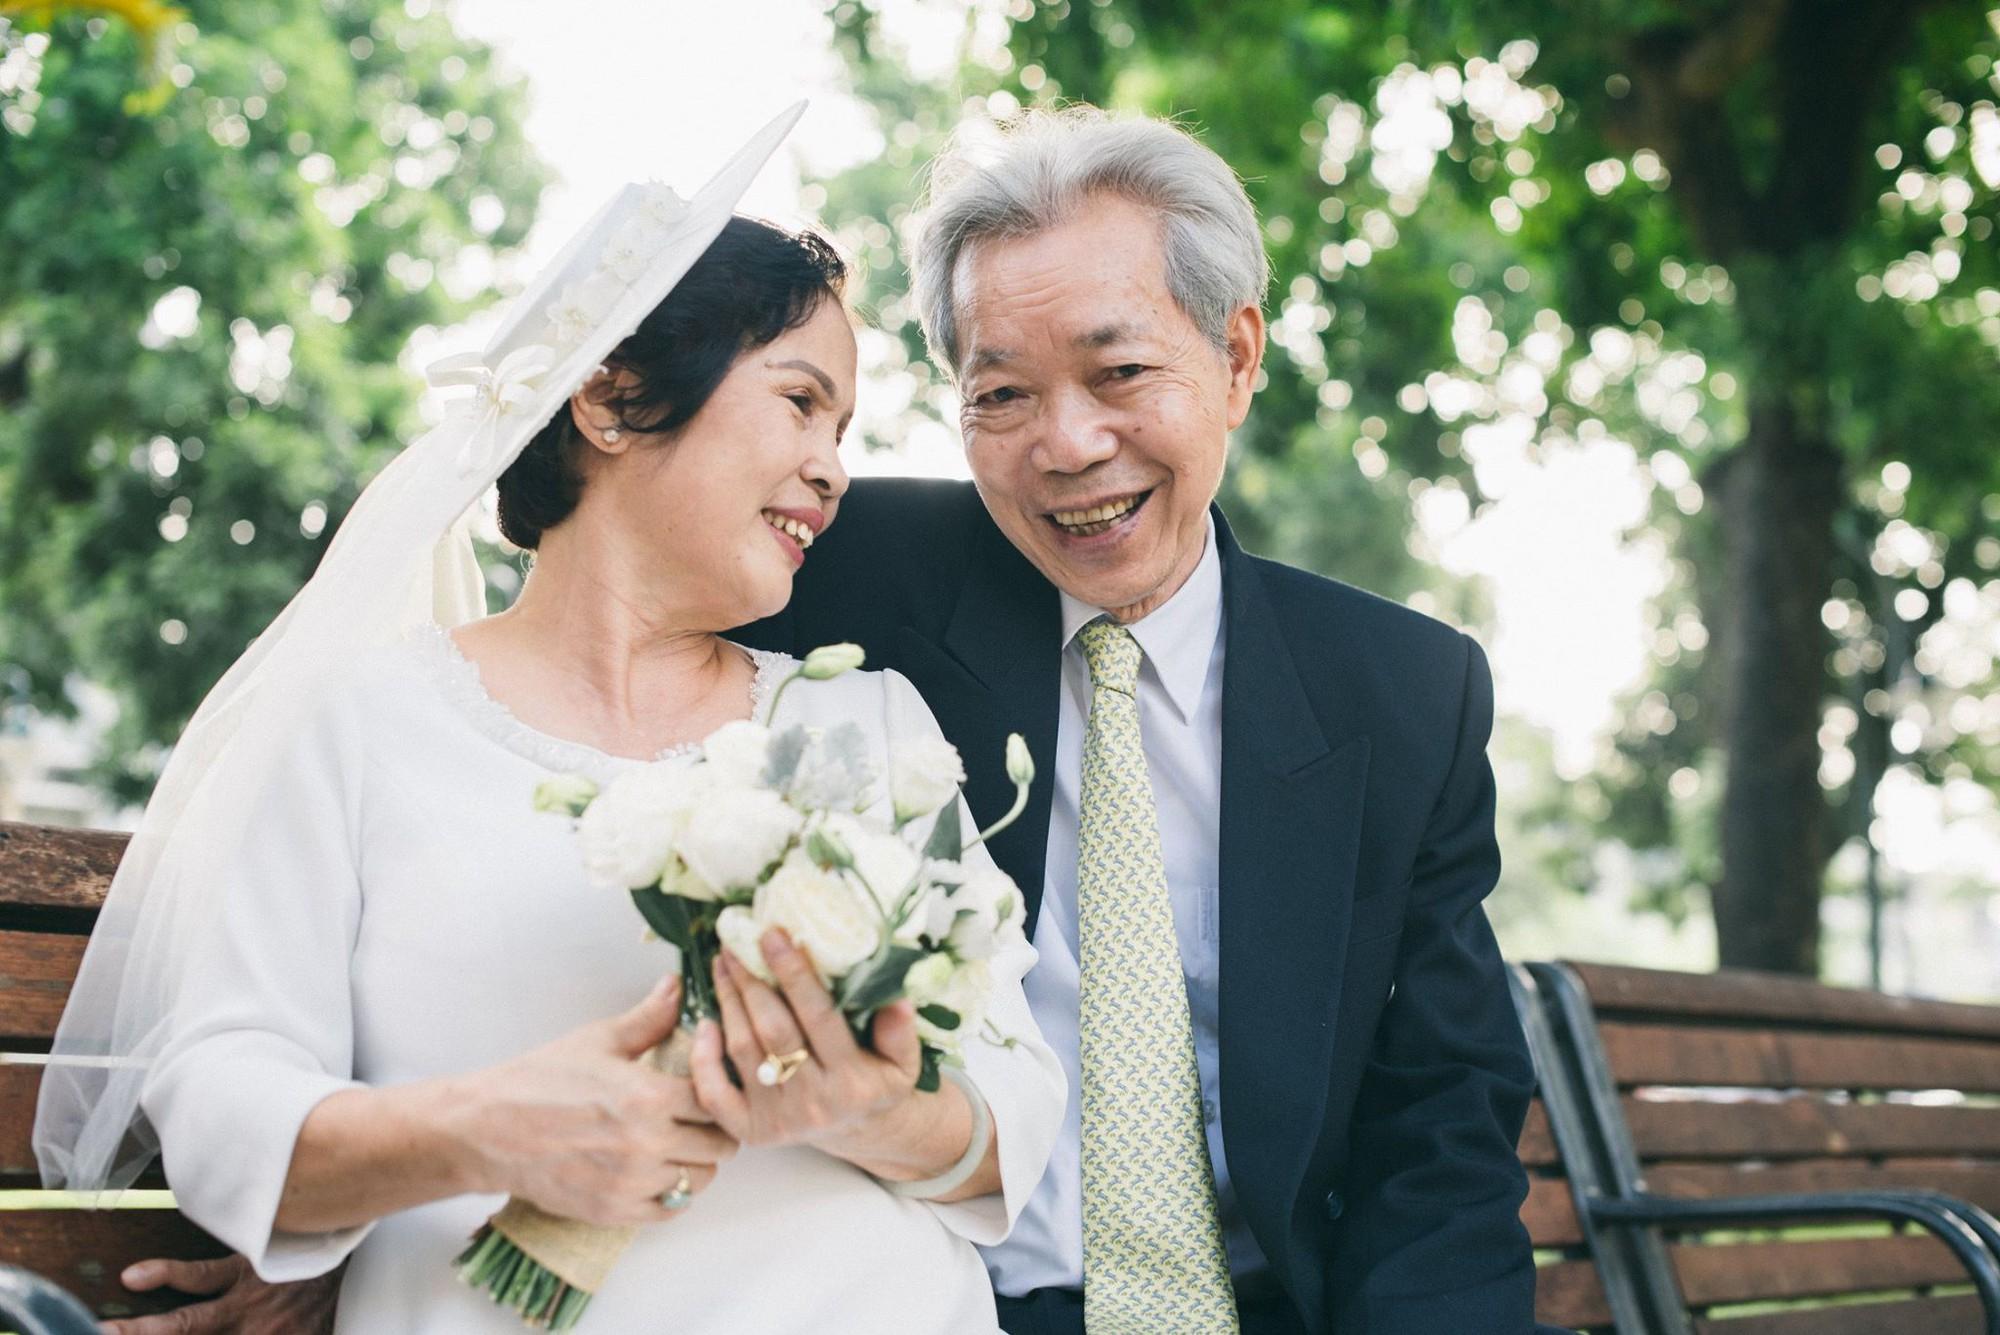 Bộ ảnh cưới đầu tiên sau 45 năm kết hôn và chia sẻ xúc động của cựu CEO Uber Việt Nam cho bố mẹ - Ảnh 1.